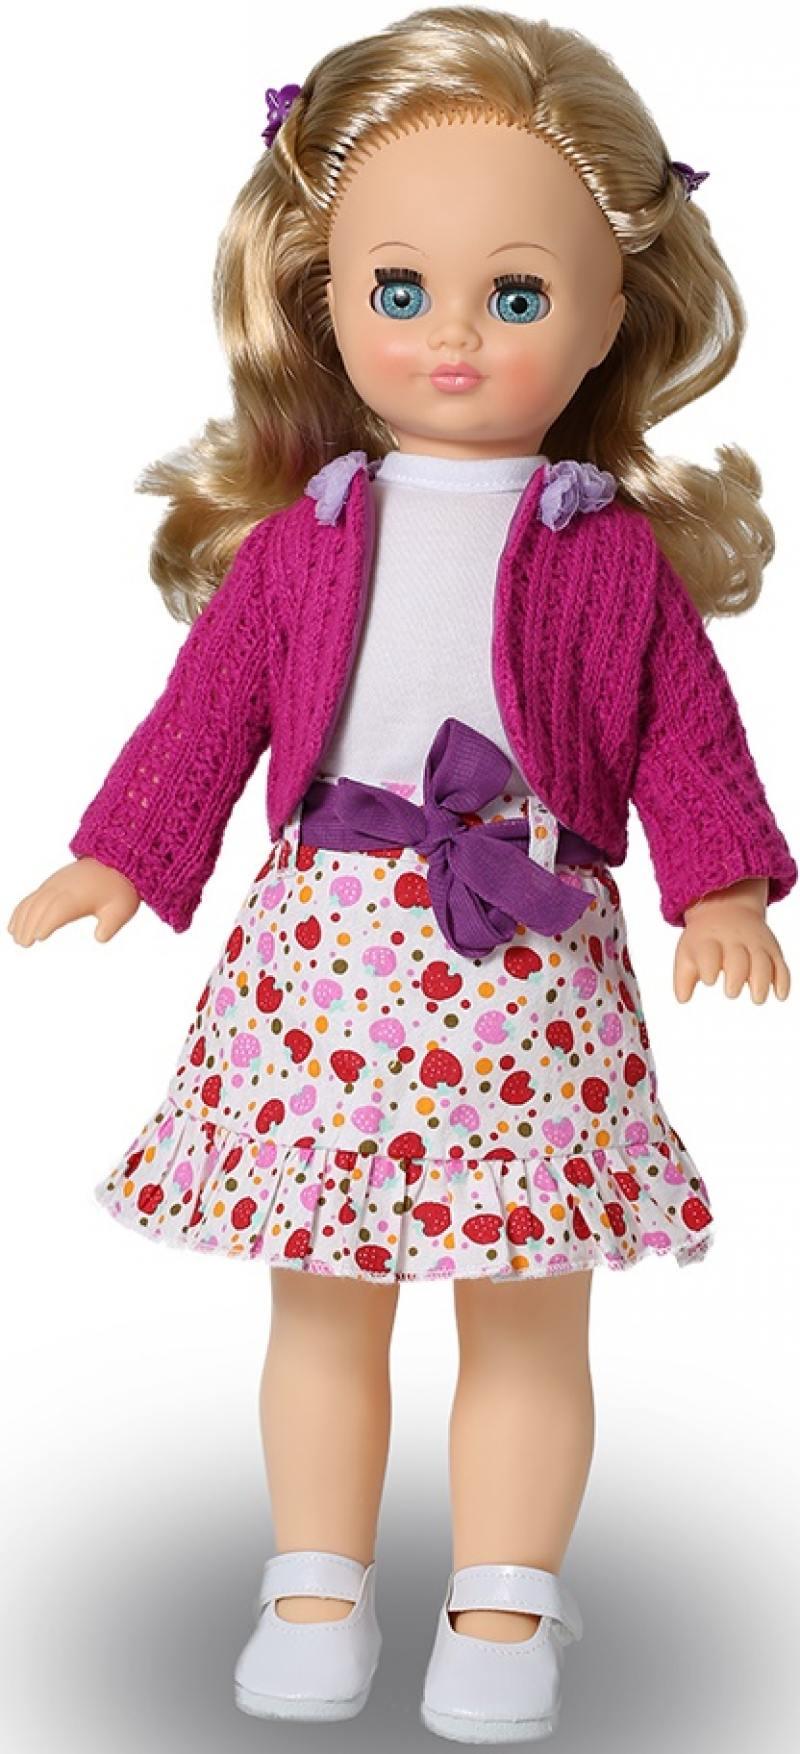 Кукла ВЕСНА Лиза 11 (озвученная) весна кукла алиса 11 озвученная